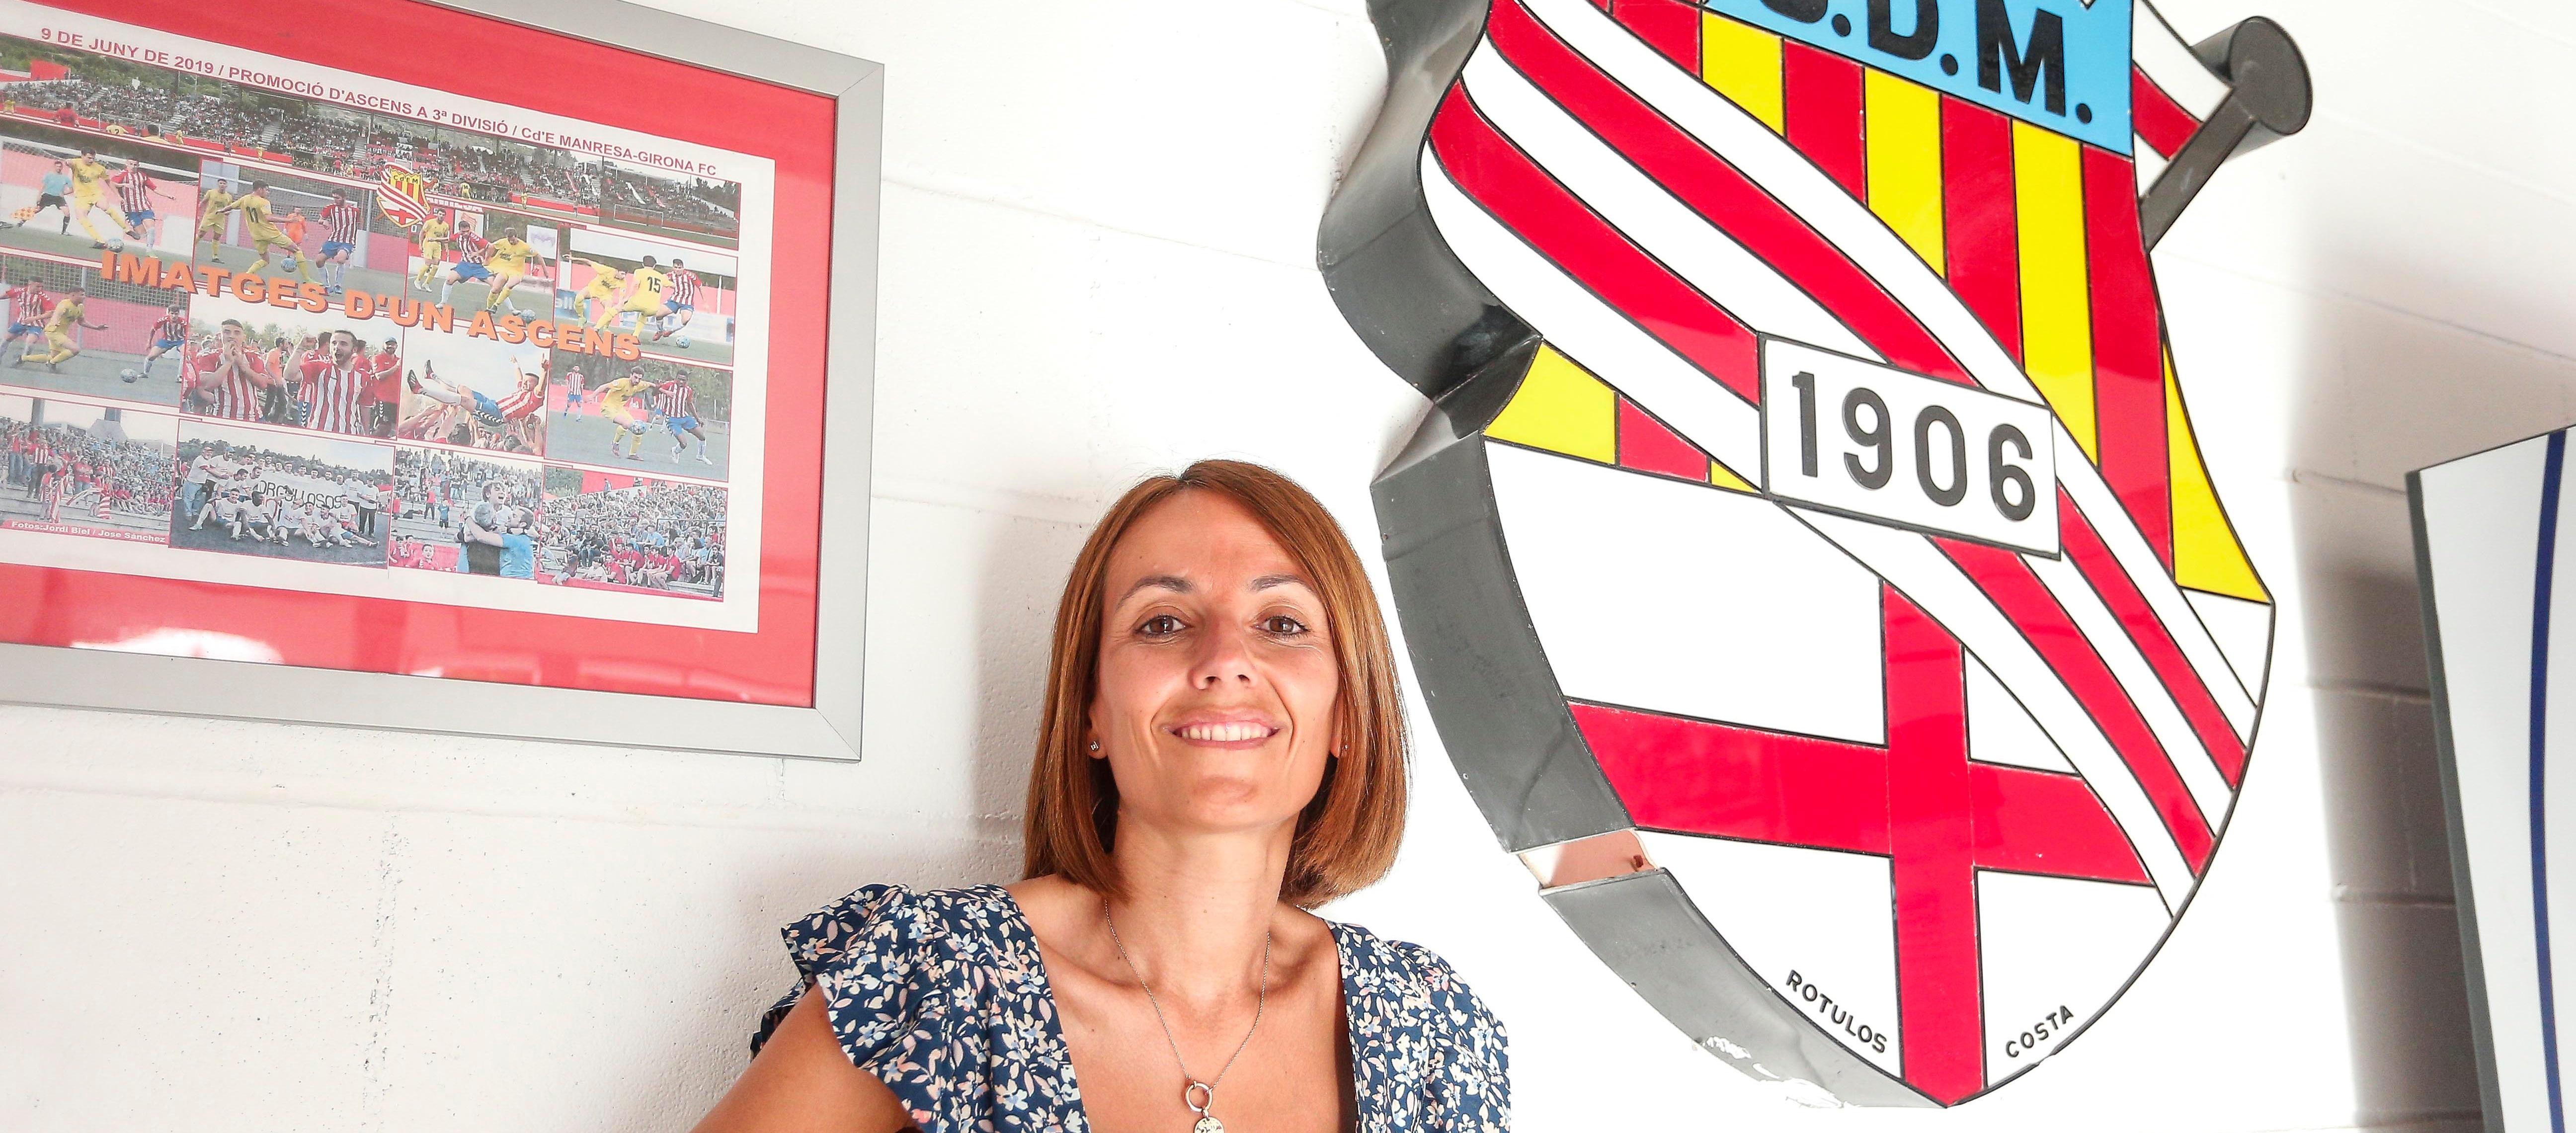 """Ruth Guerrero: """"Hem estat molt transparents, venim a treballar i a millorar econòmica i esportivament"""""""